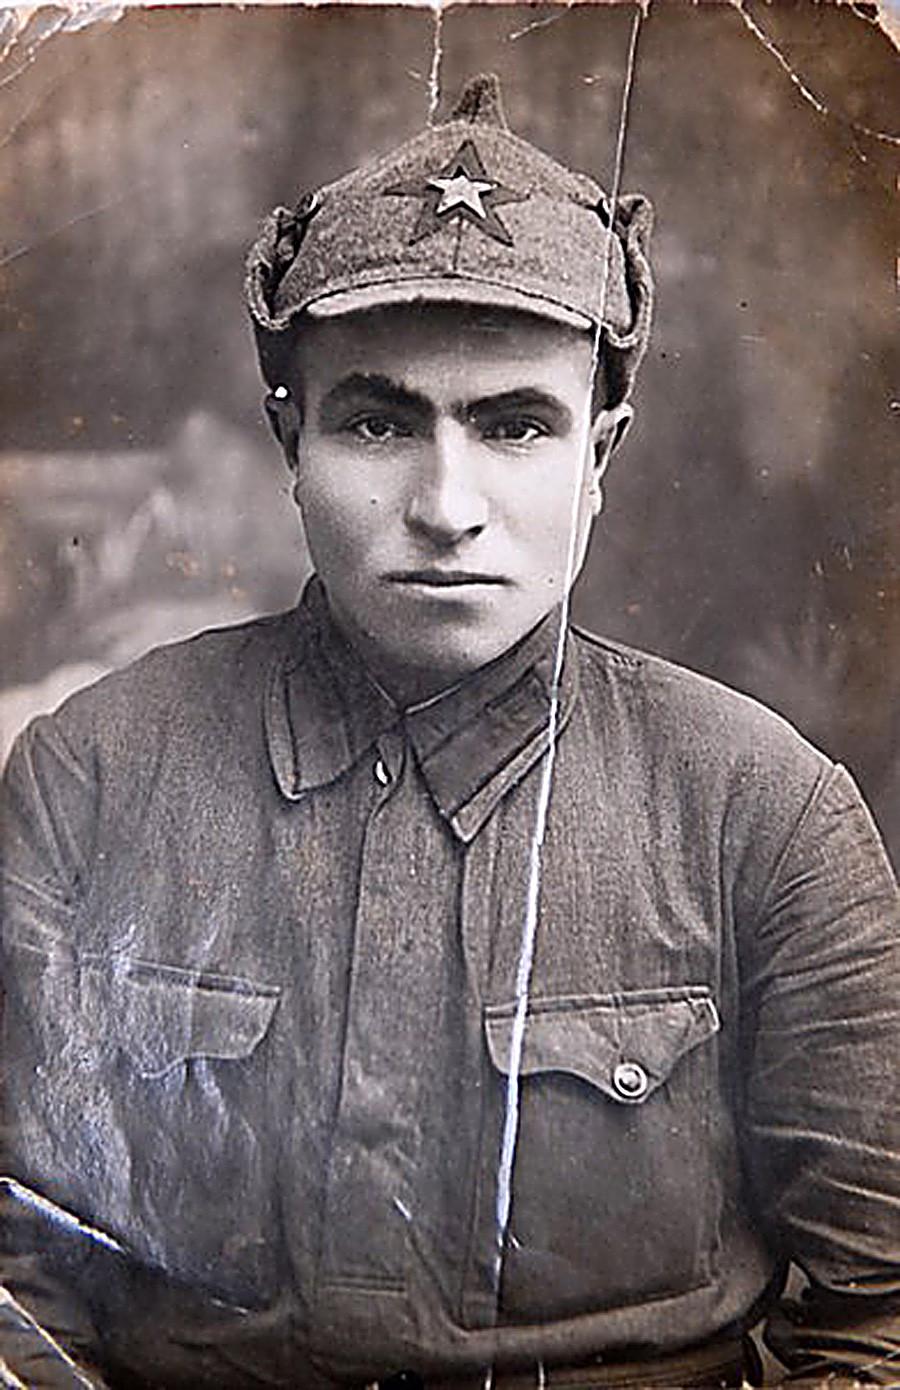 Semión Hitler, un valiente soldado soviético que no escatimó esfuerzos para defender a la Patria de los soldados de Adolf Hitler.